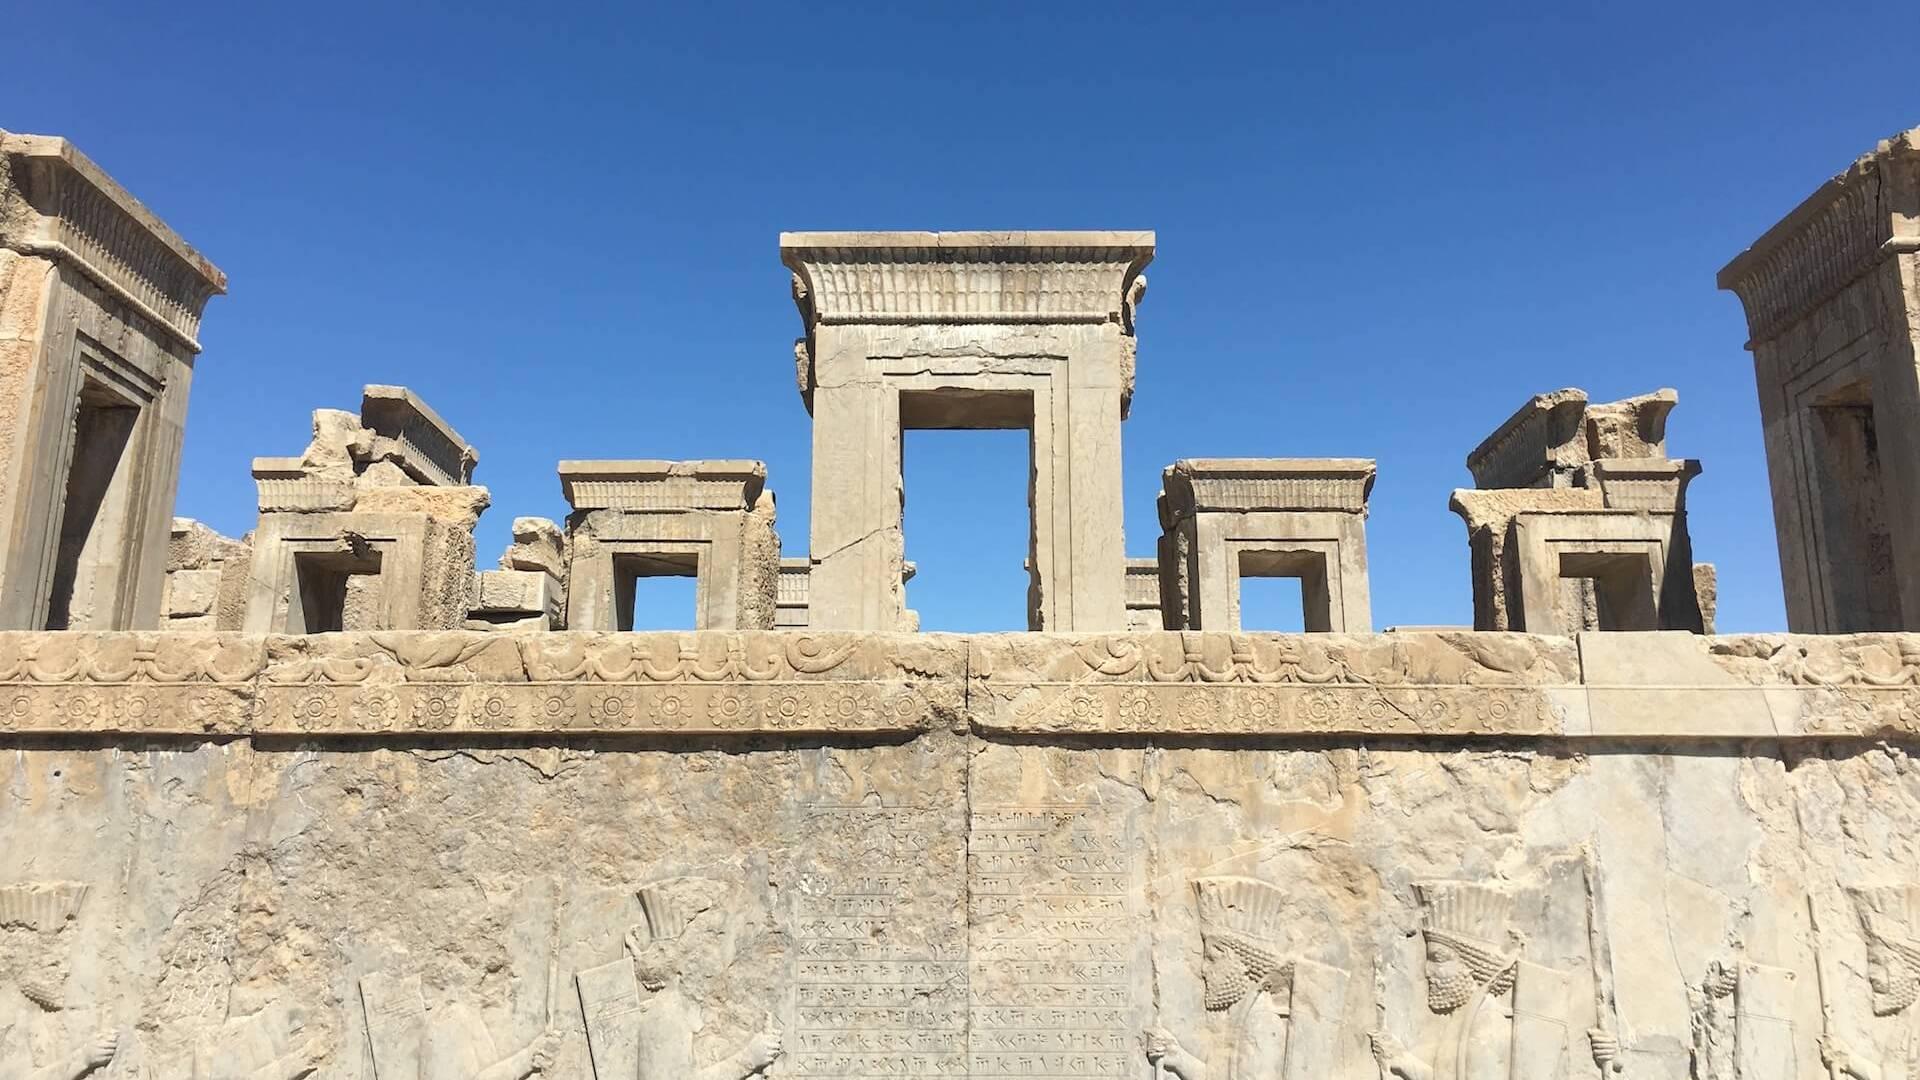 Paleis van Cyrus bij Persepolis in Iran